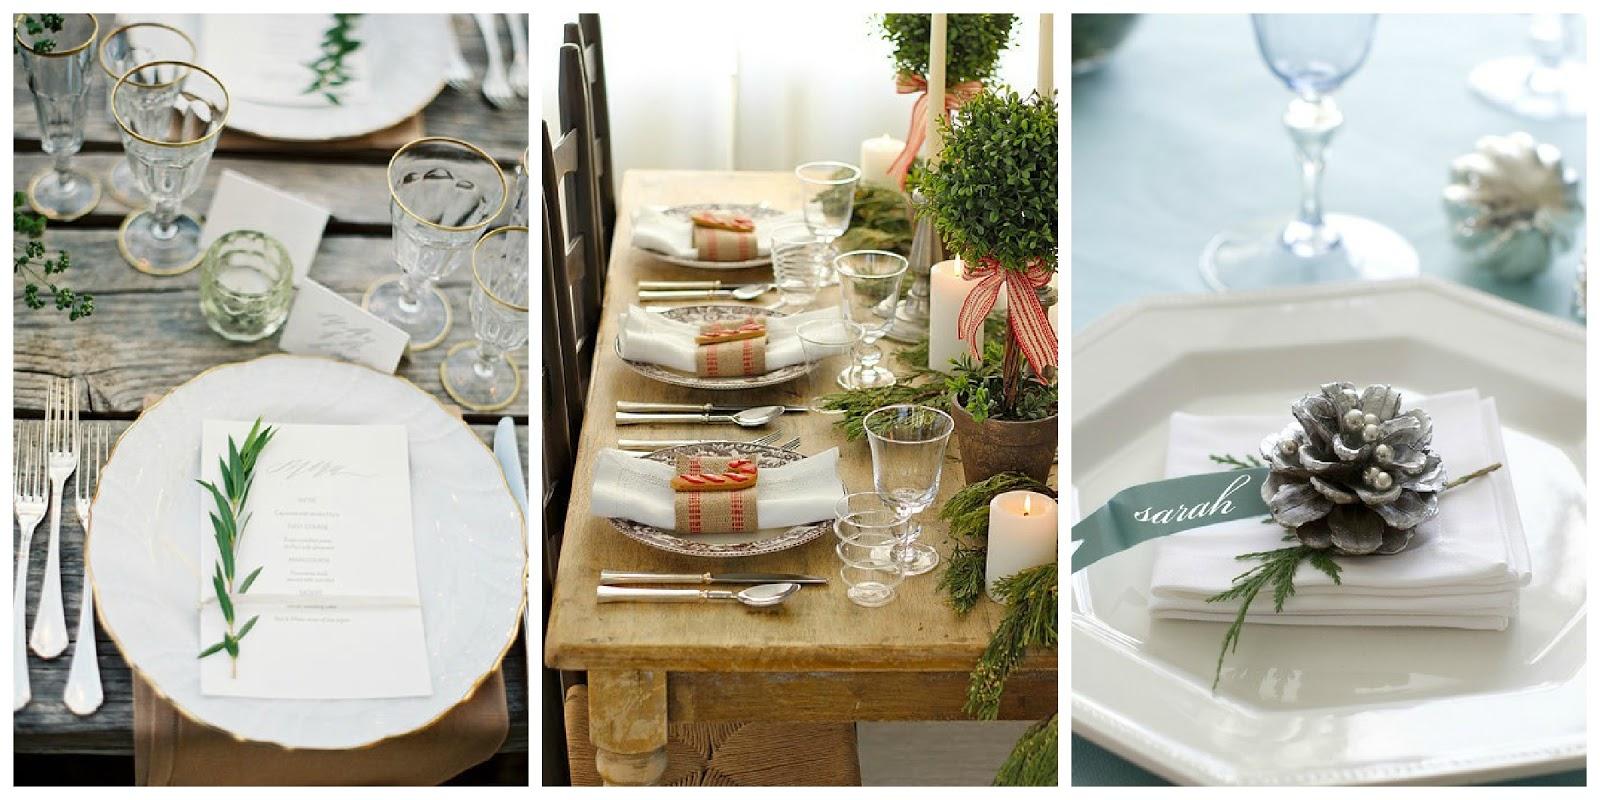 Il giardino di fasti floreali apparecchiare durante le feste la tavola a natale - Una bella tavola apparecchiata ...